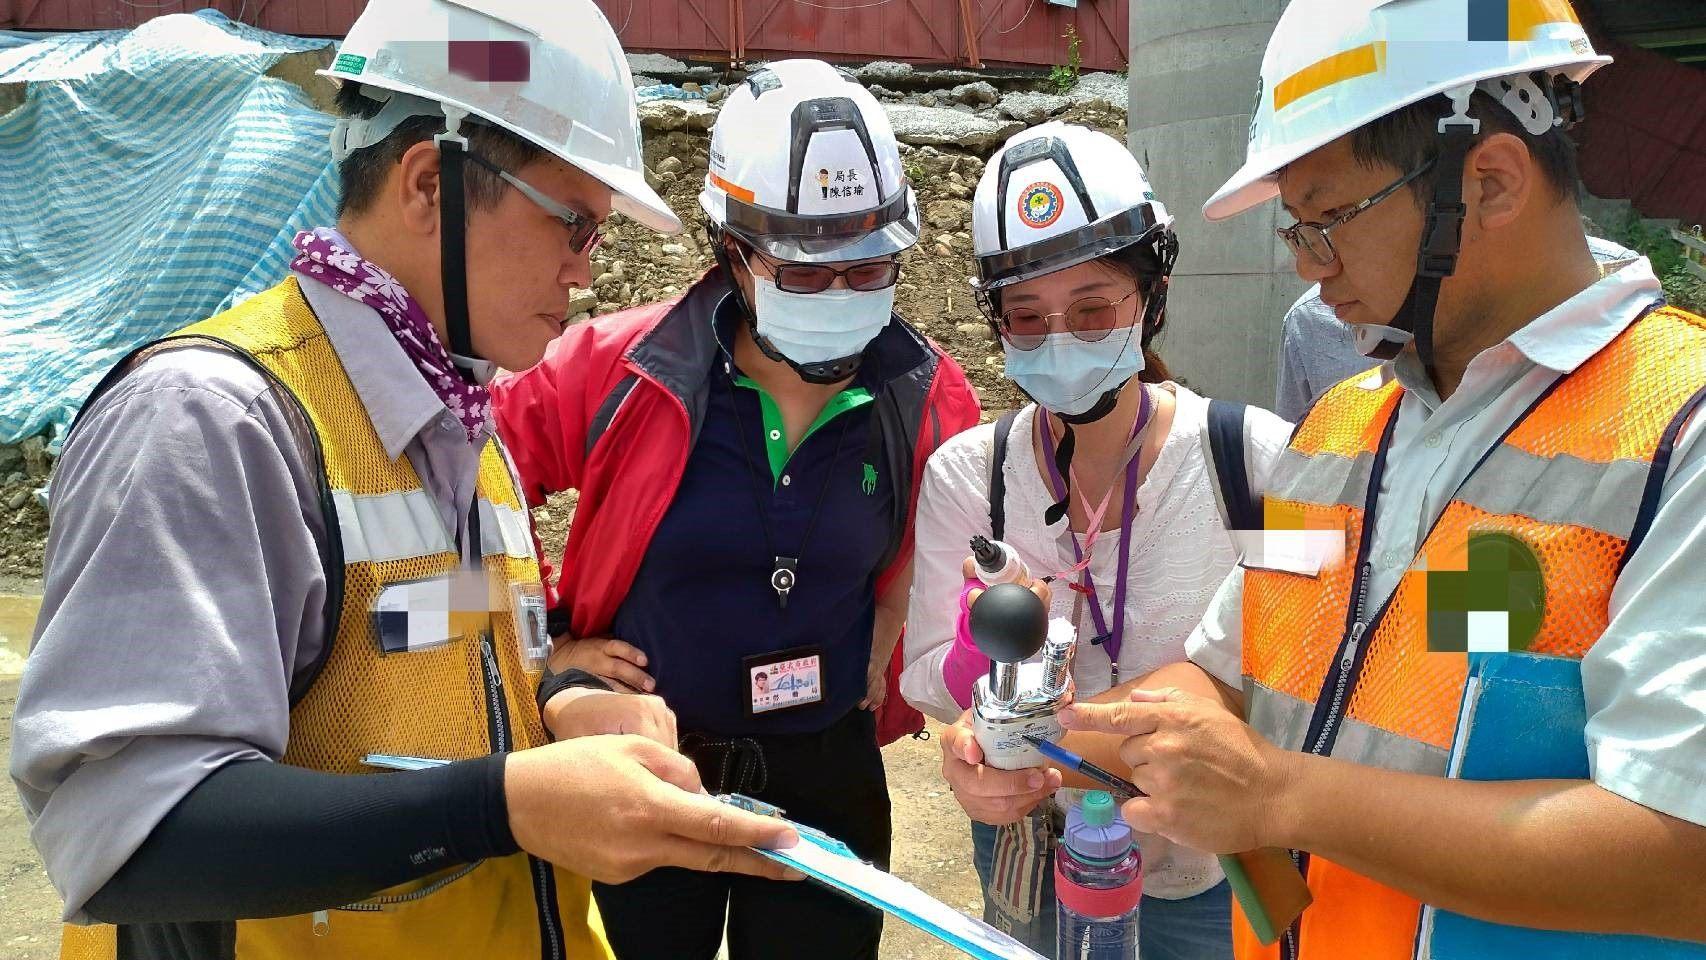 臺北市勞動局陳信瑜局長率隊至中正區工地實施高氣溫戶外作業宣導及勞動檢查,現場進行熱指數量測。